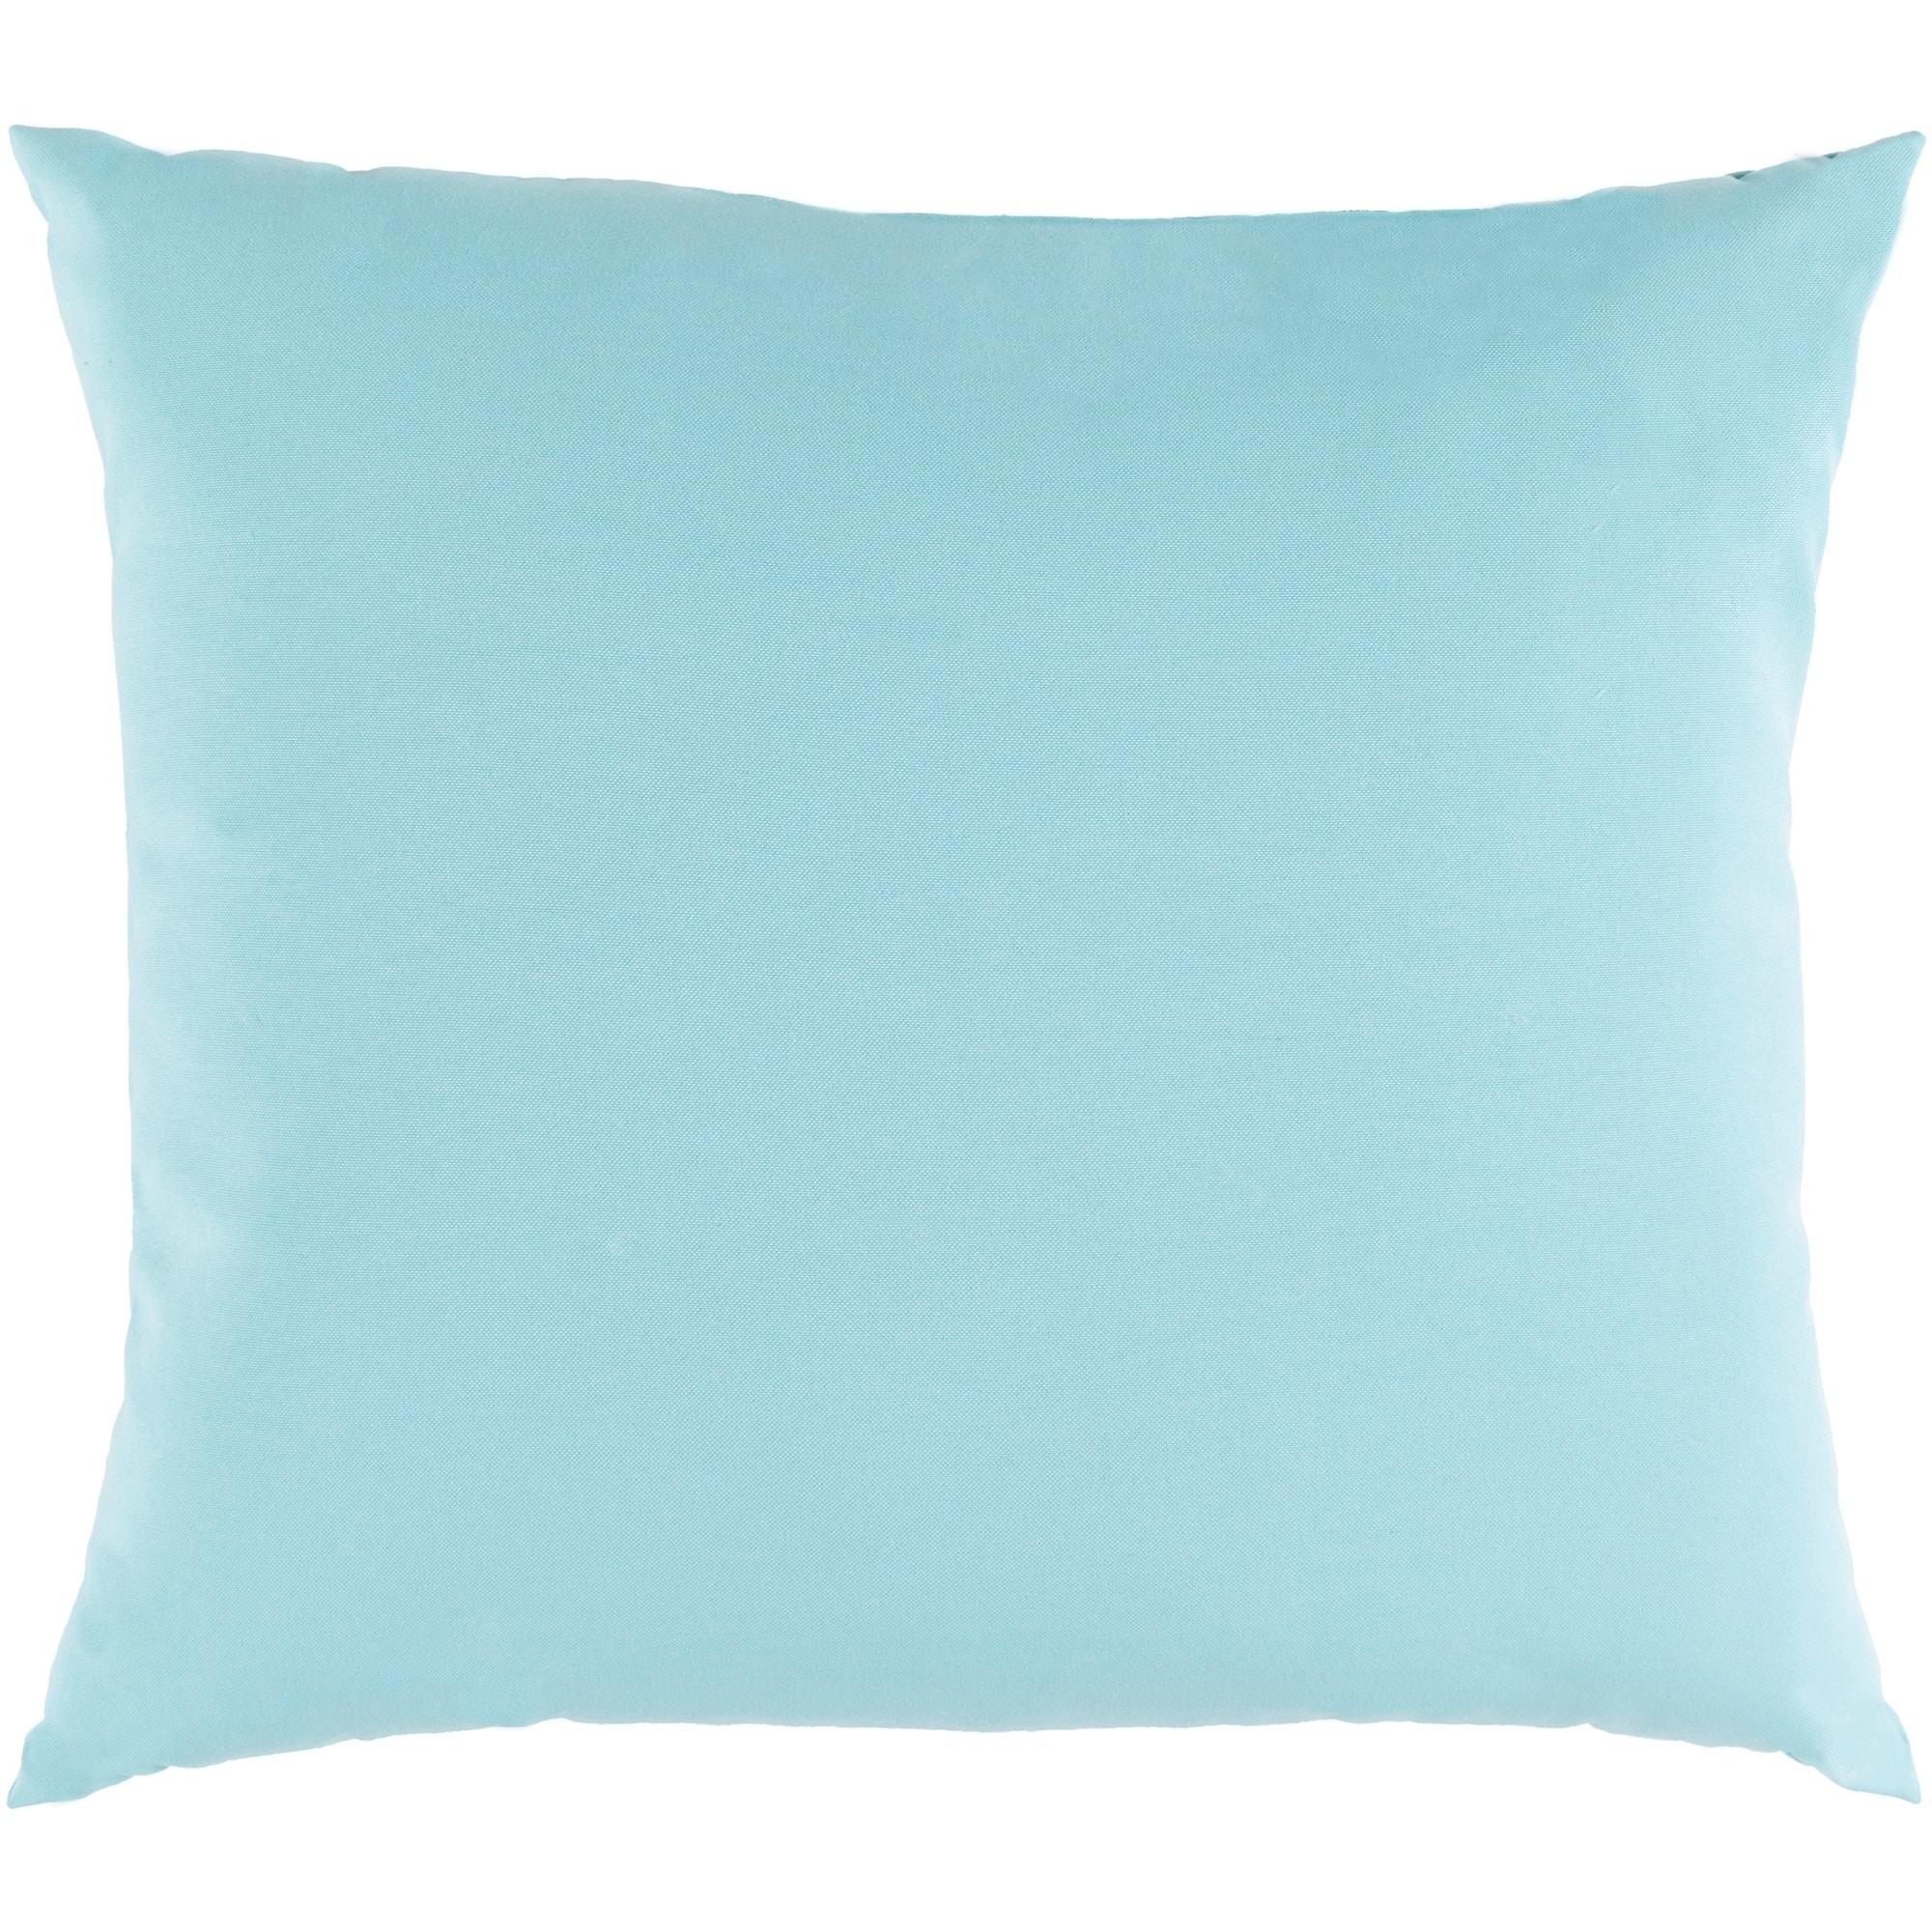 Solid Indoor Outdoor Throw Pillow